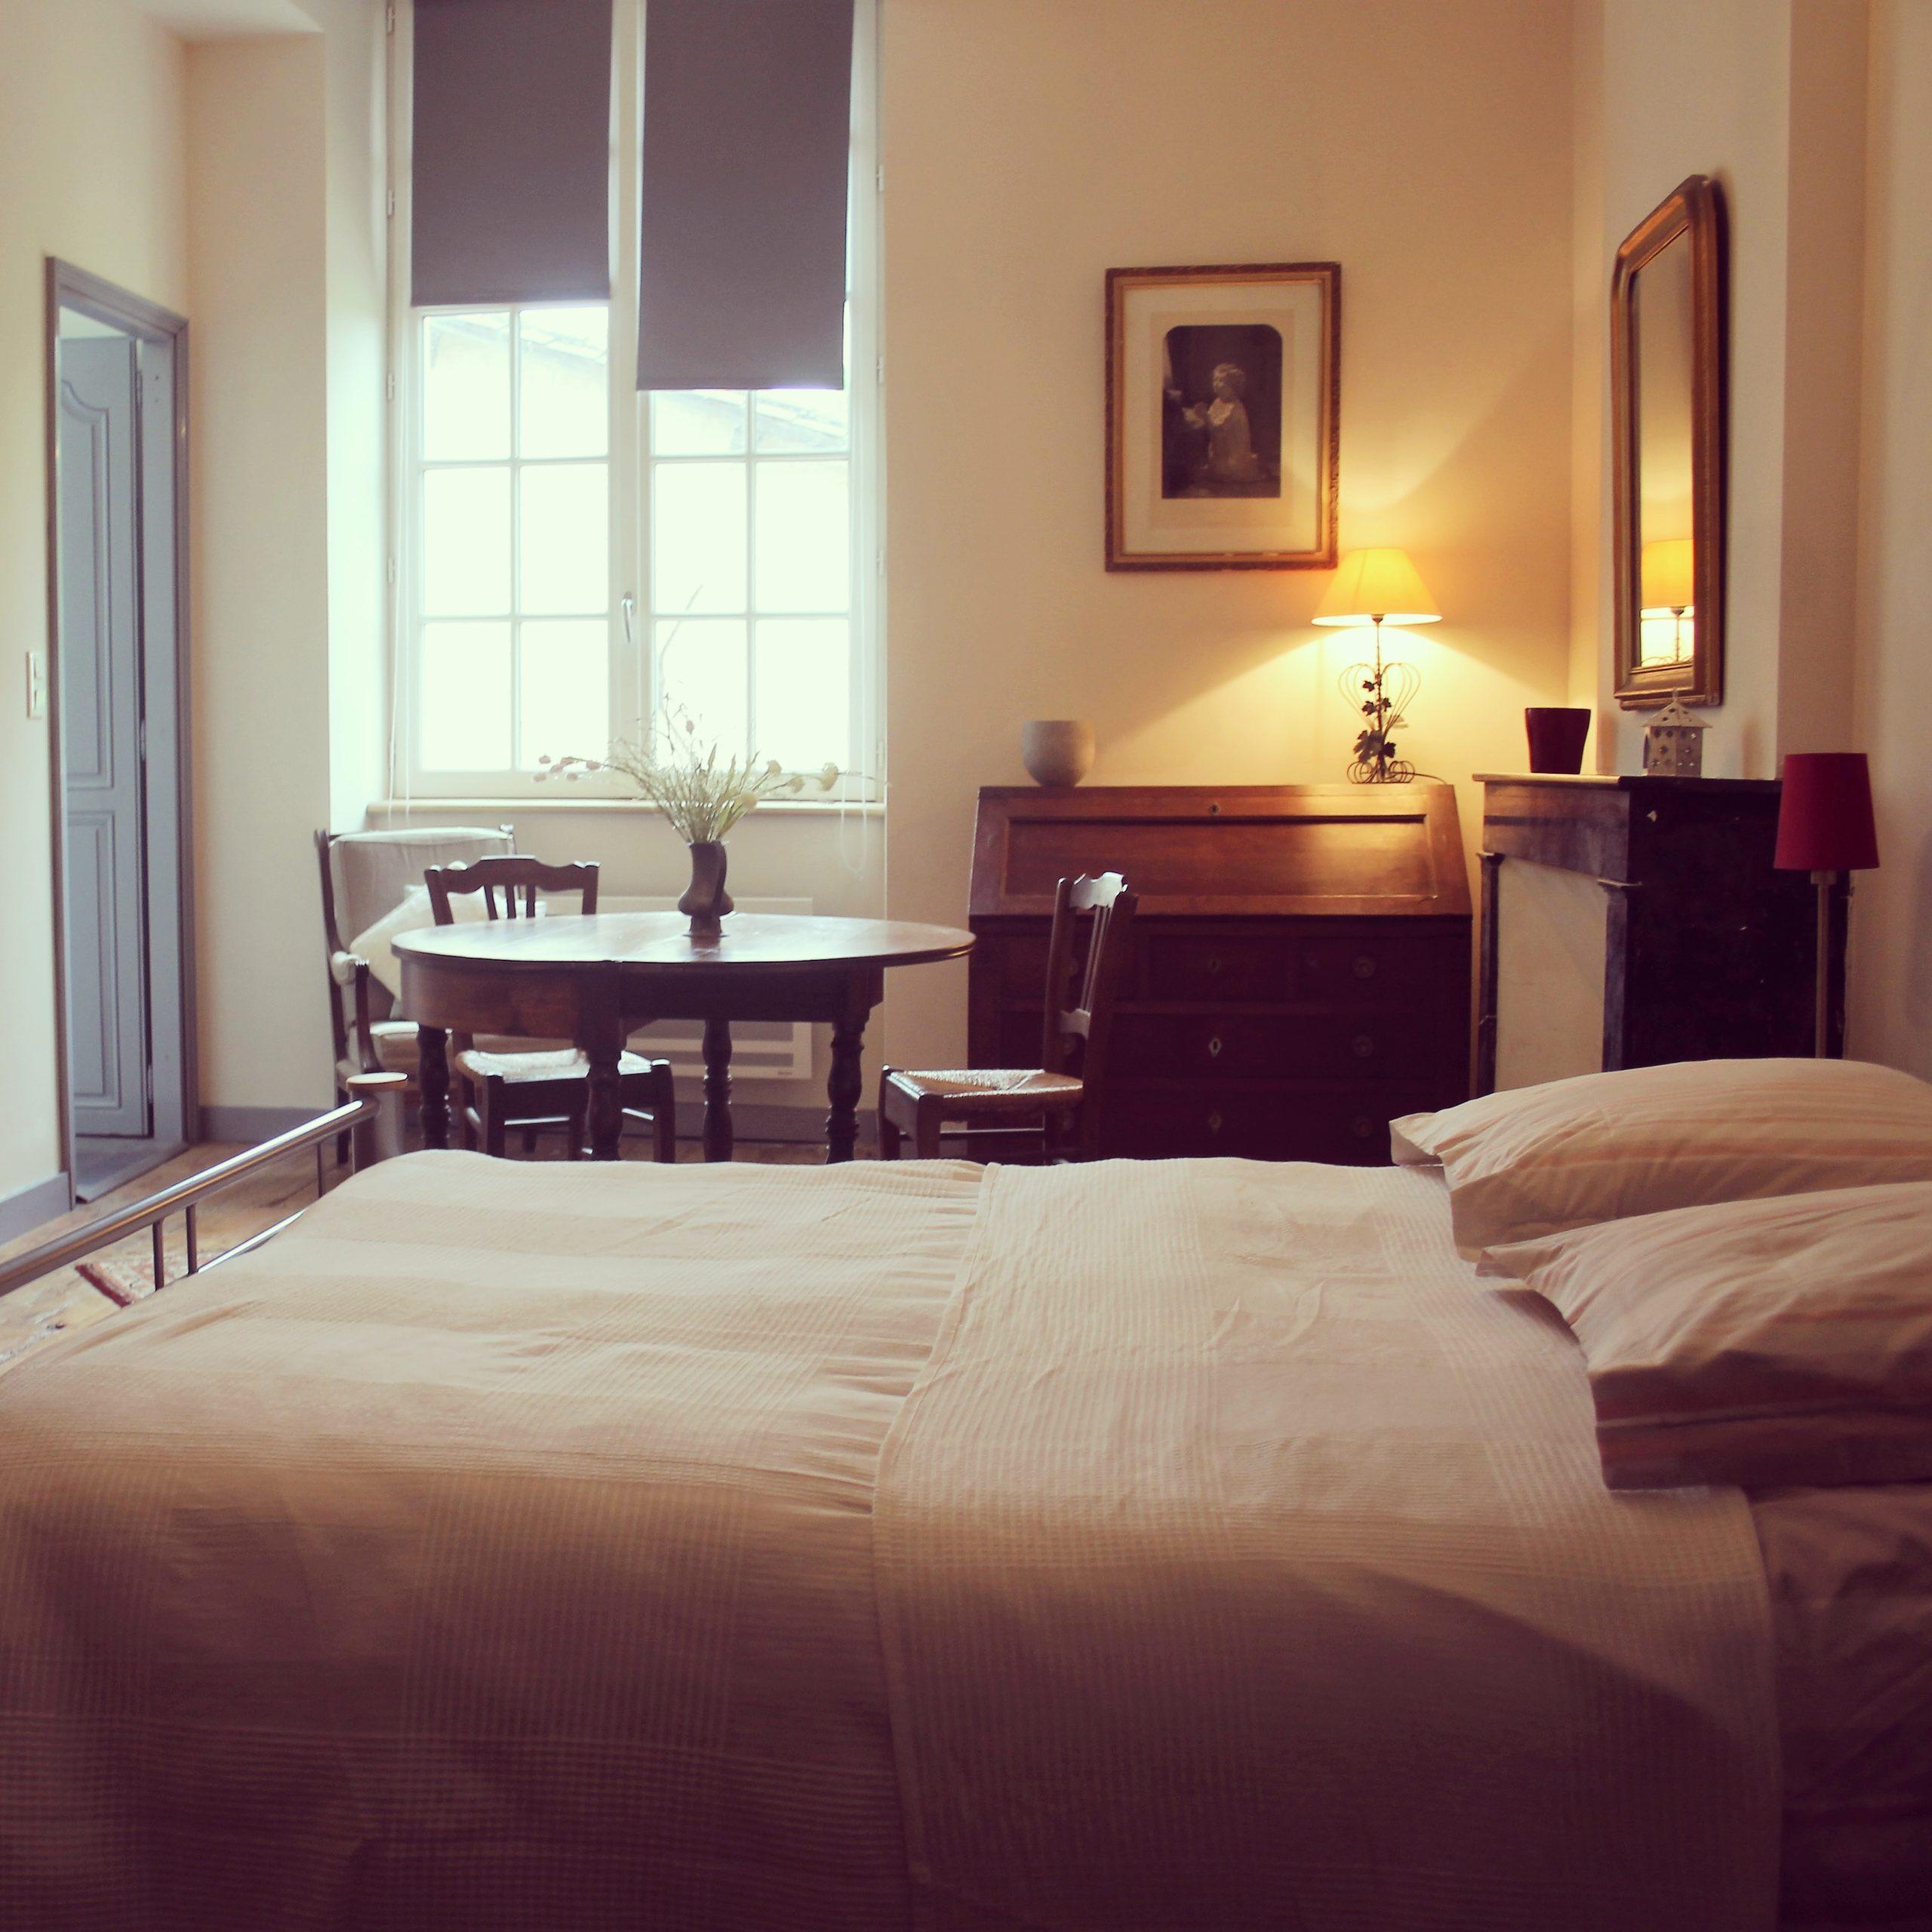 chambre d'hote coté chai chateau bessan